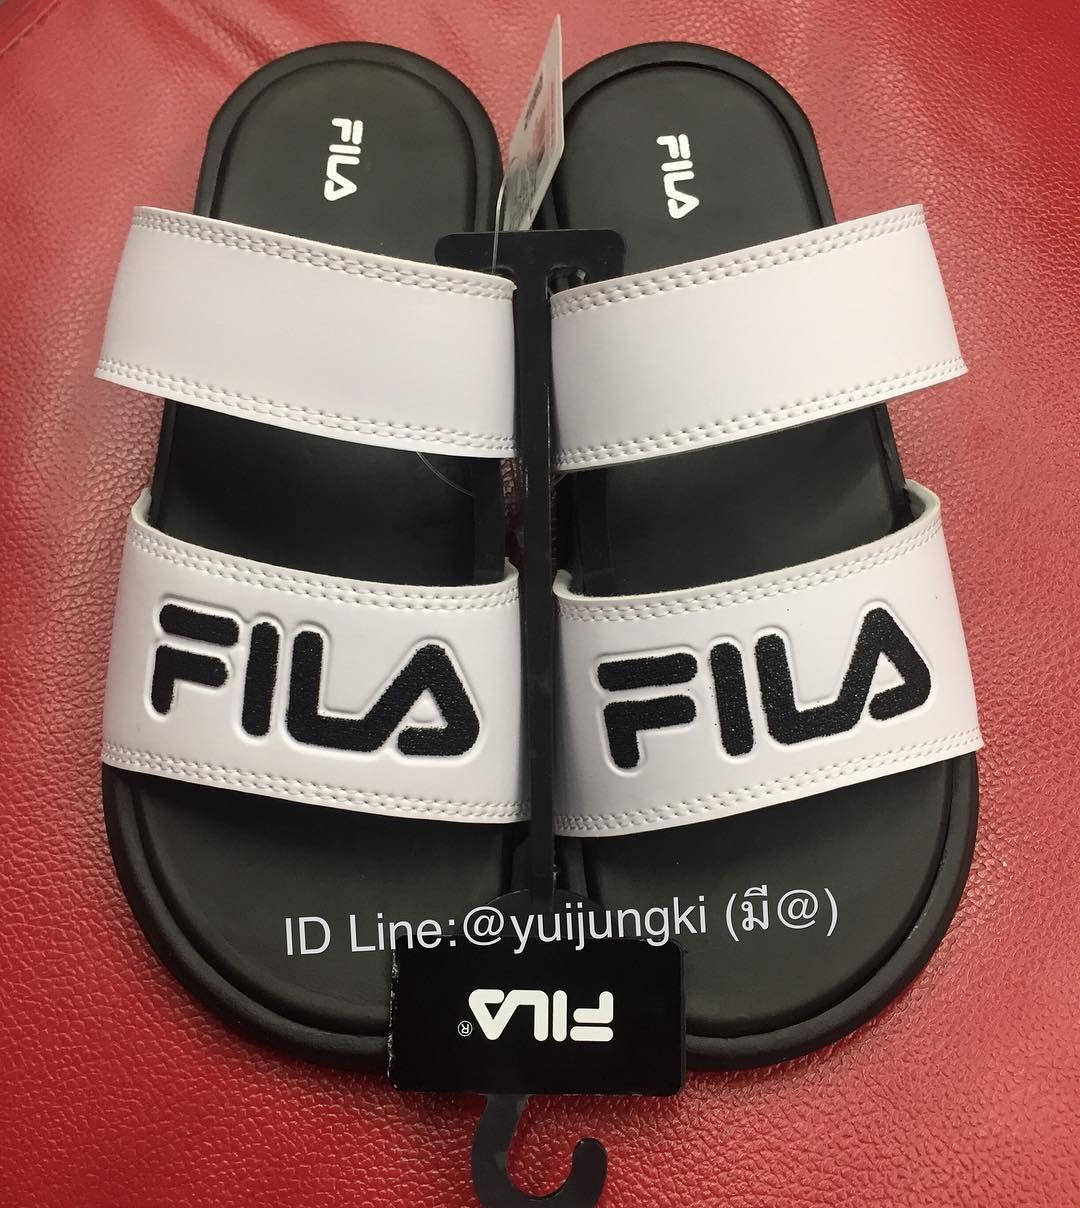 6612078a66e018 รบหวดวน FILA . เขา shop วนนจาา . รองเทาแตะ fila ของแท หวจาก shop เอง ...